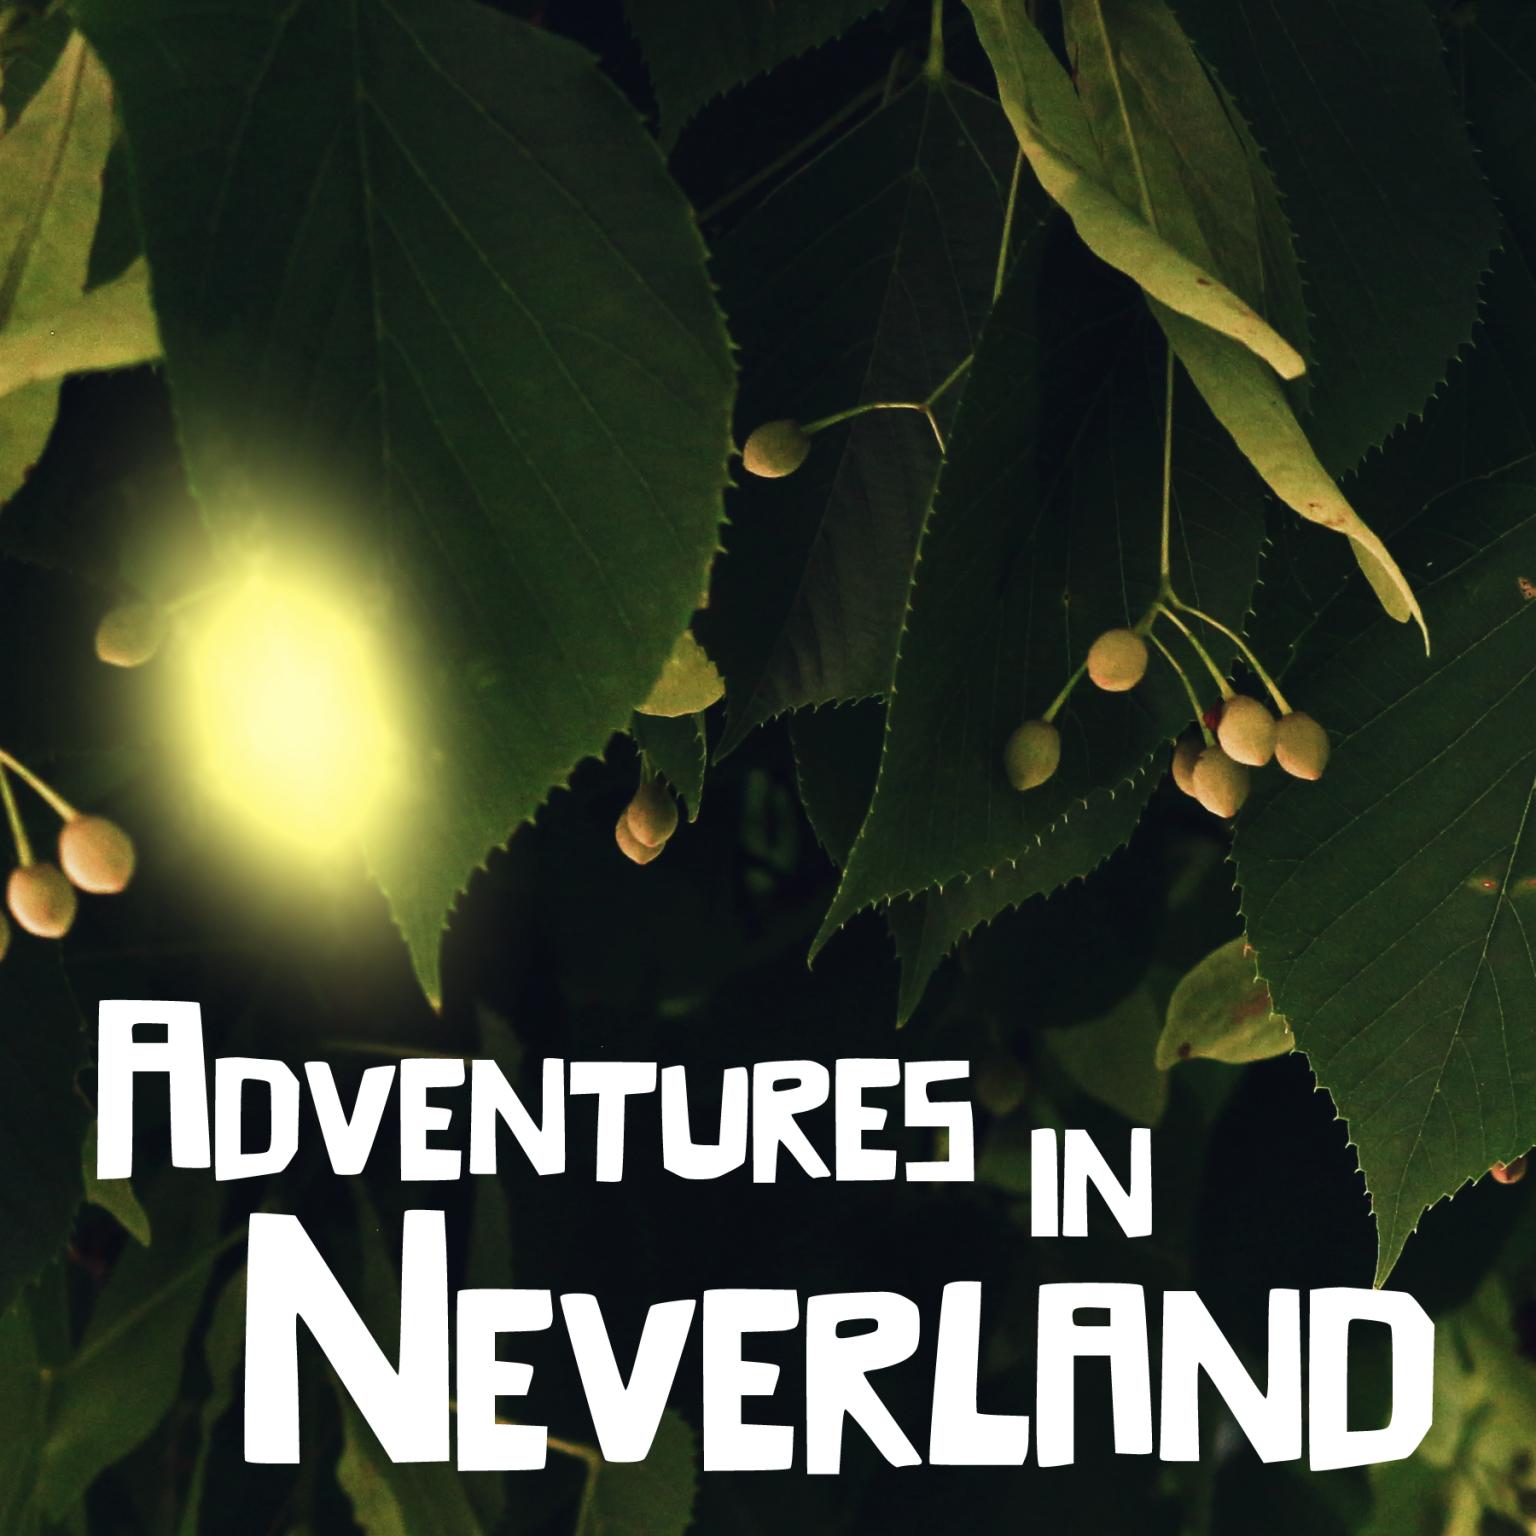 adventures-in-neverland